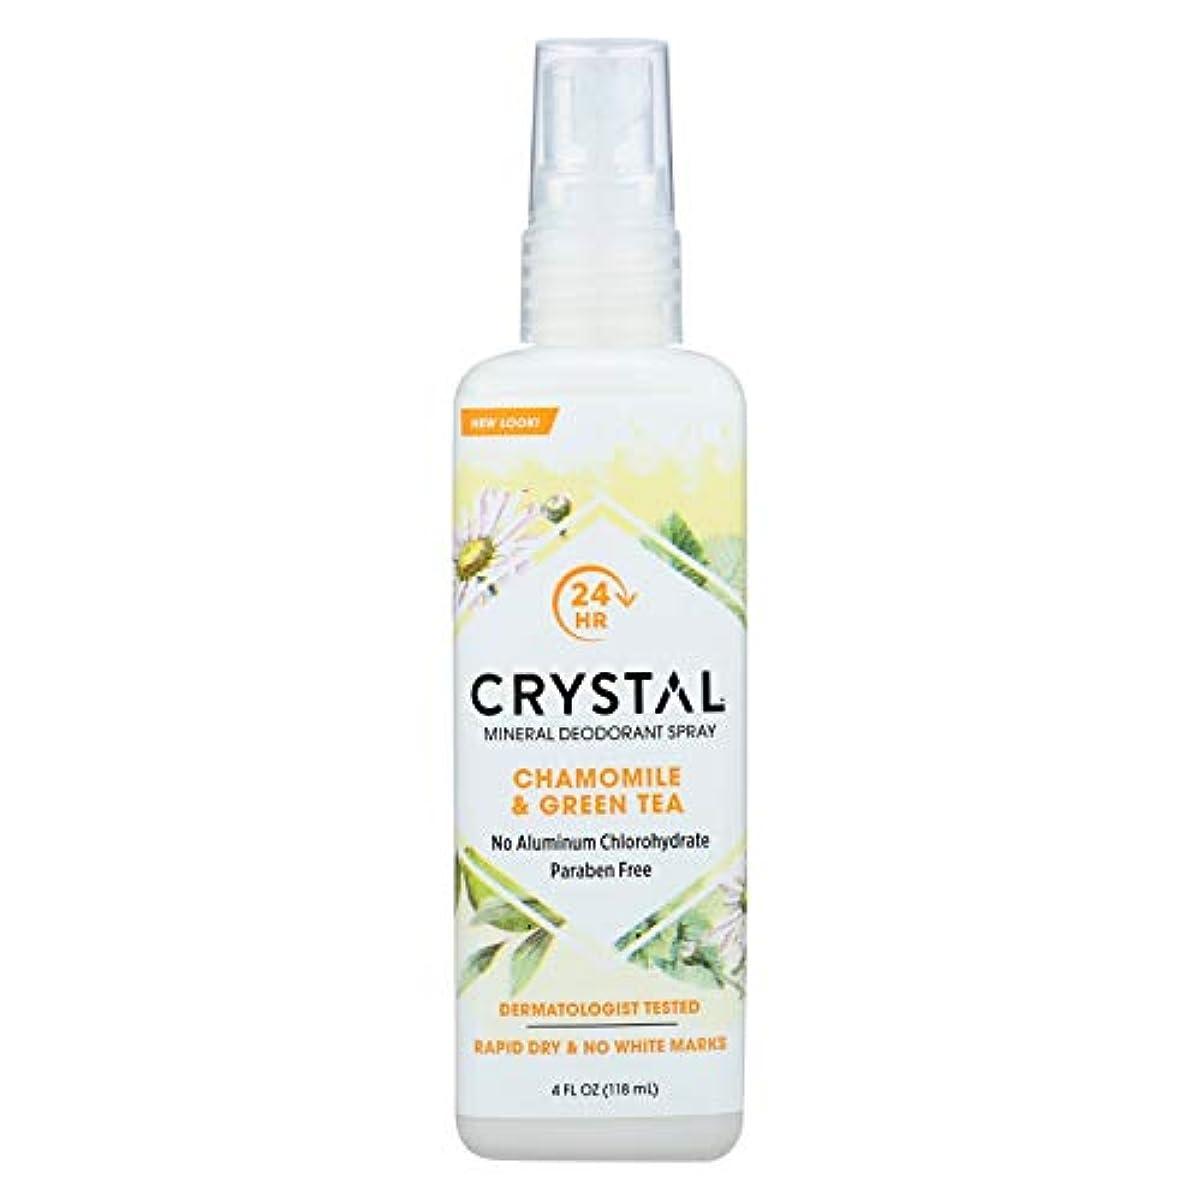 登場アイデア取り除くCrystal Body Deodorant - 水晶本質のフランスの運輸Chamomile及び緑茶によるミネラル防臭剤ボディスプレー - 4ポンド